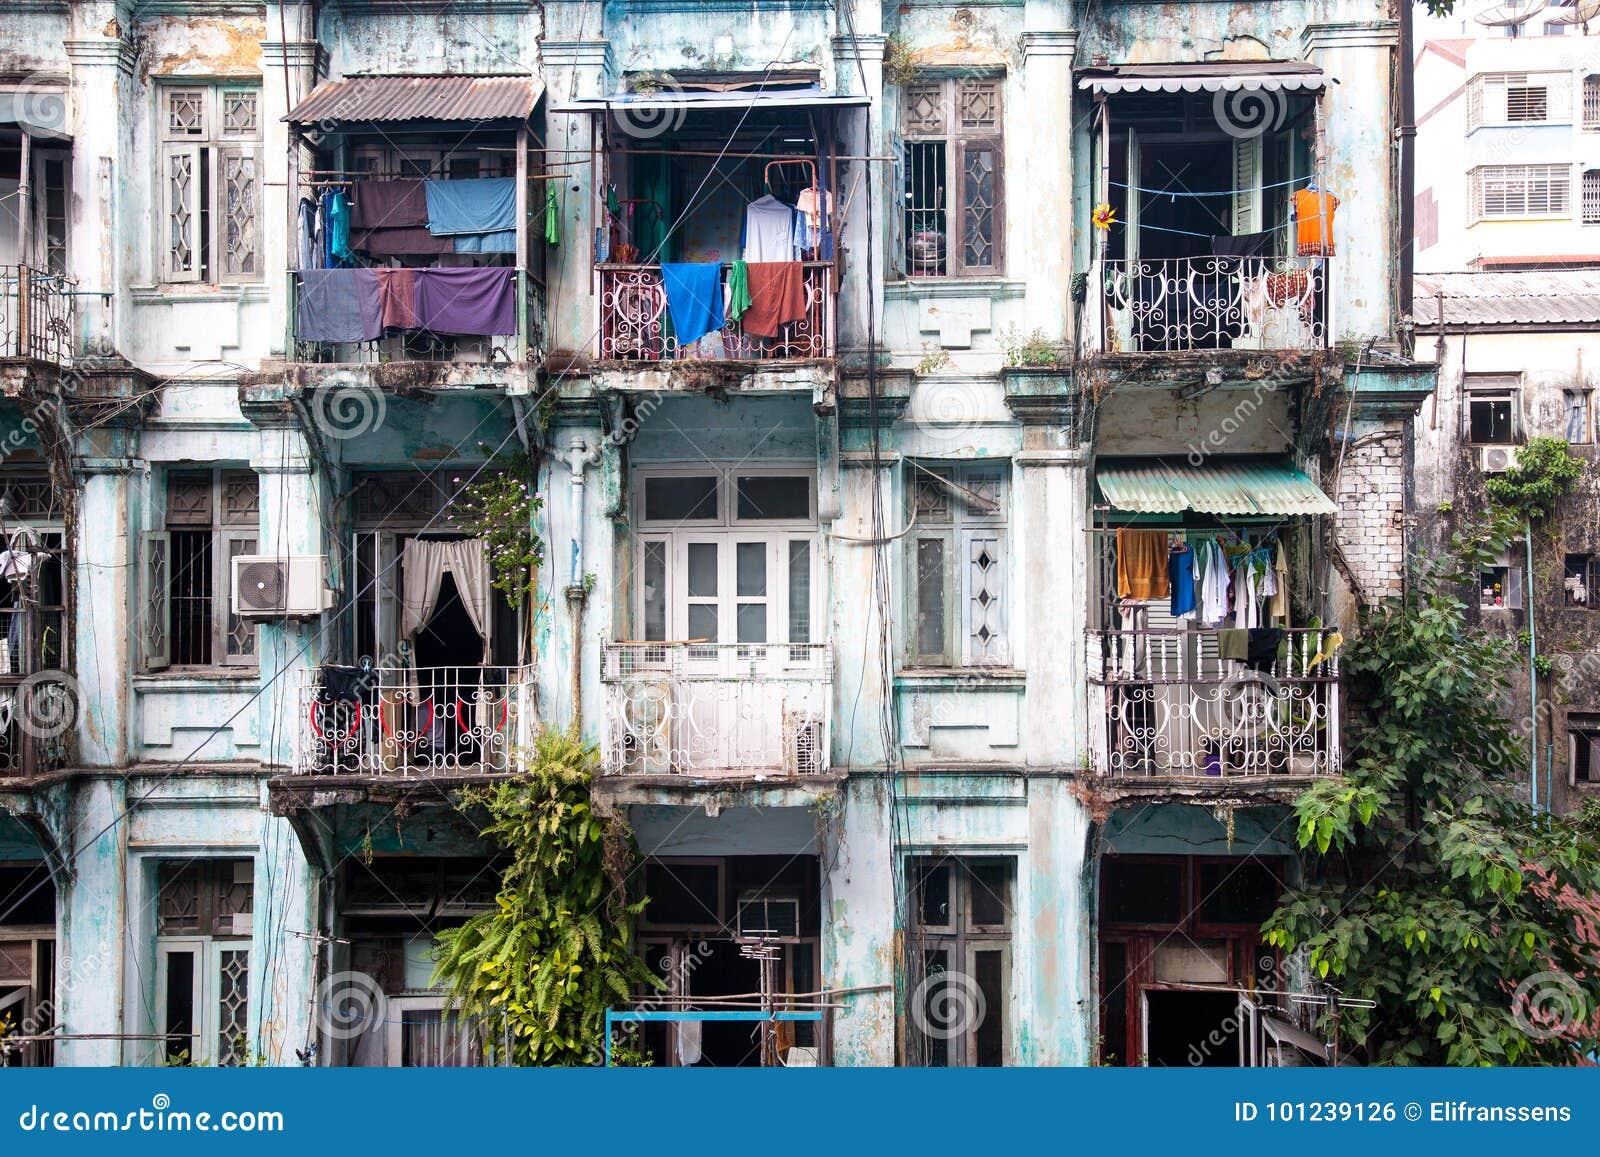 Old flats, Yangon, Burma